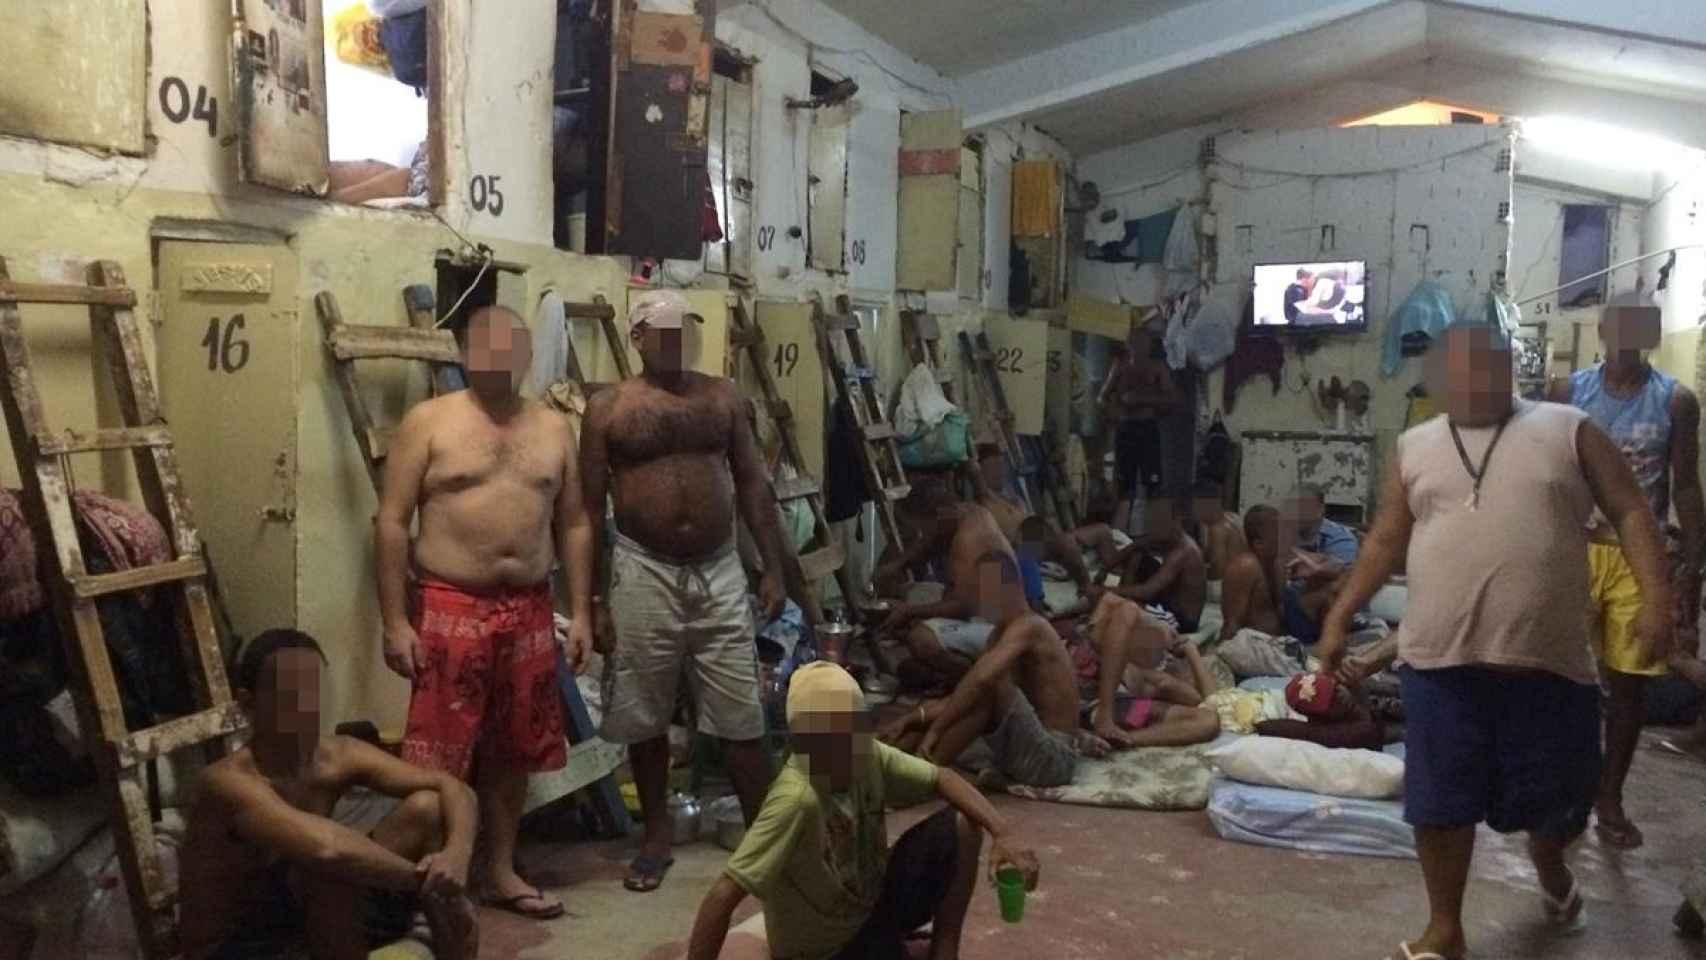 Los reclusos viven hacinados en las cárceles de Pernambuco.